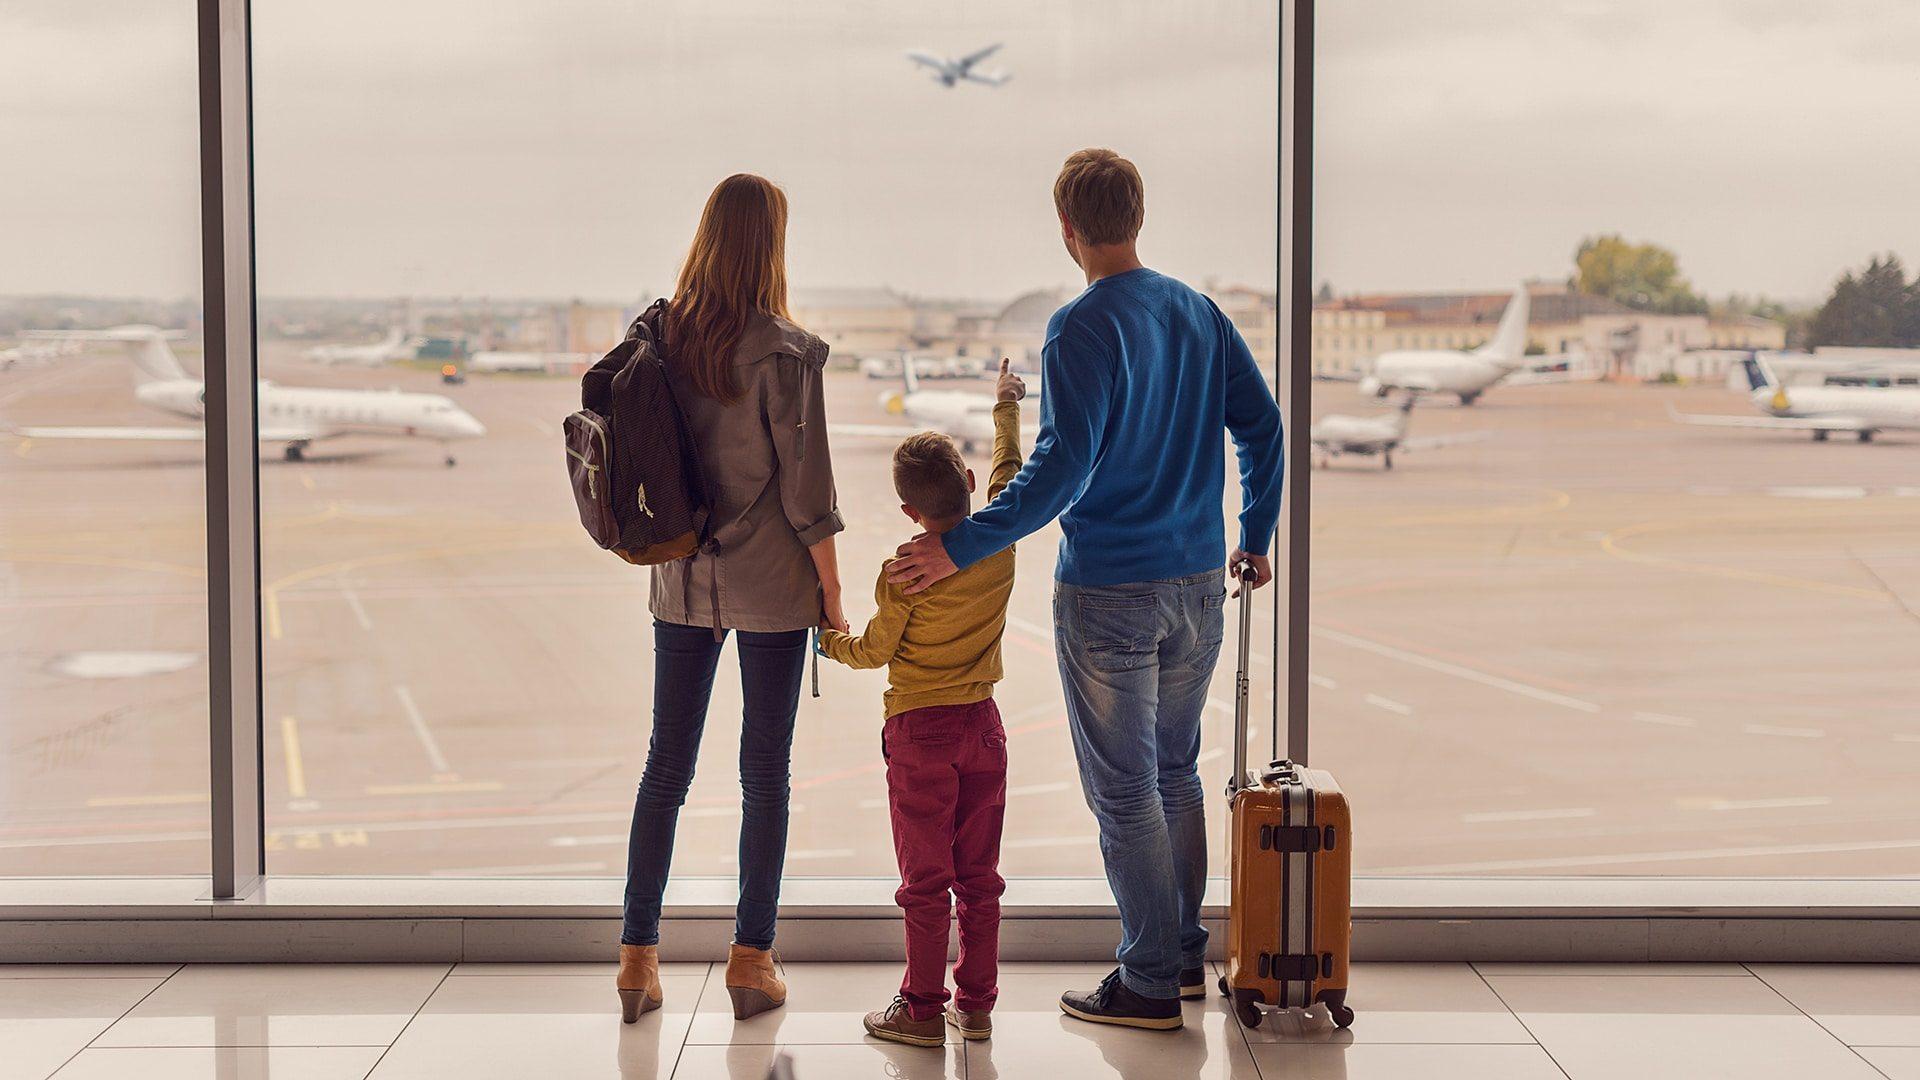 برنامح سياحي عائلي 3 افراد الى ماليزيا 2280 $